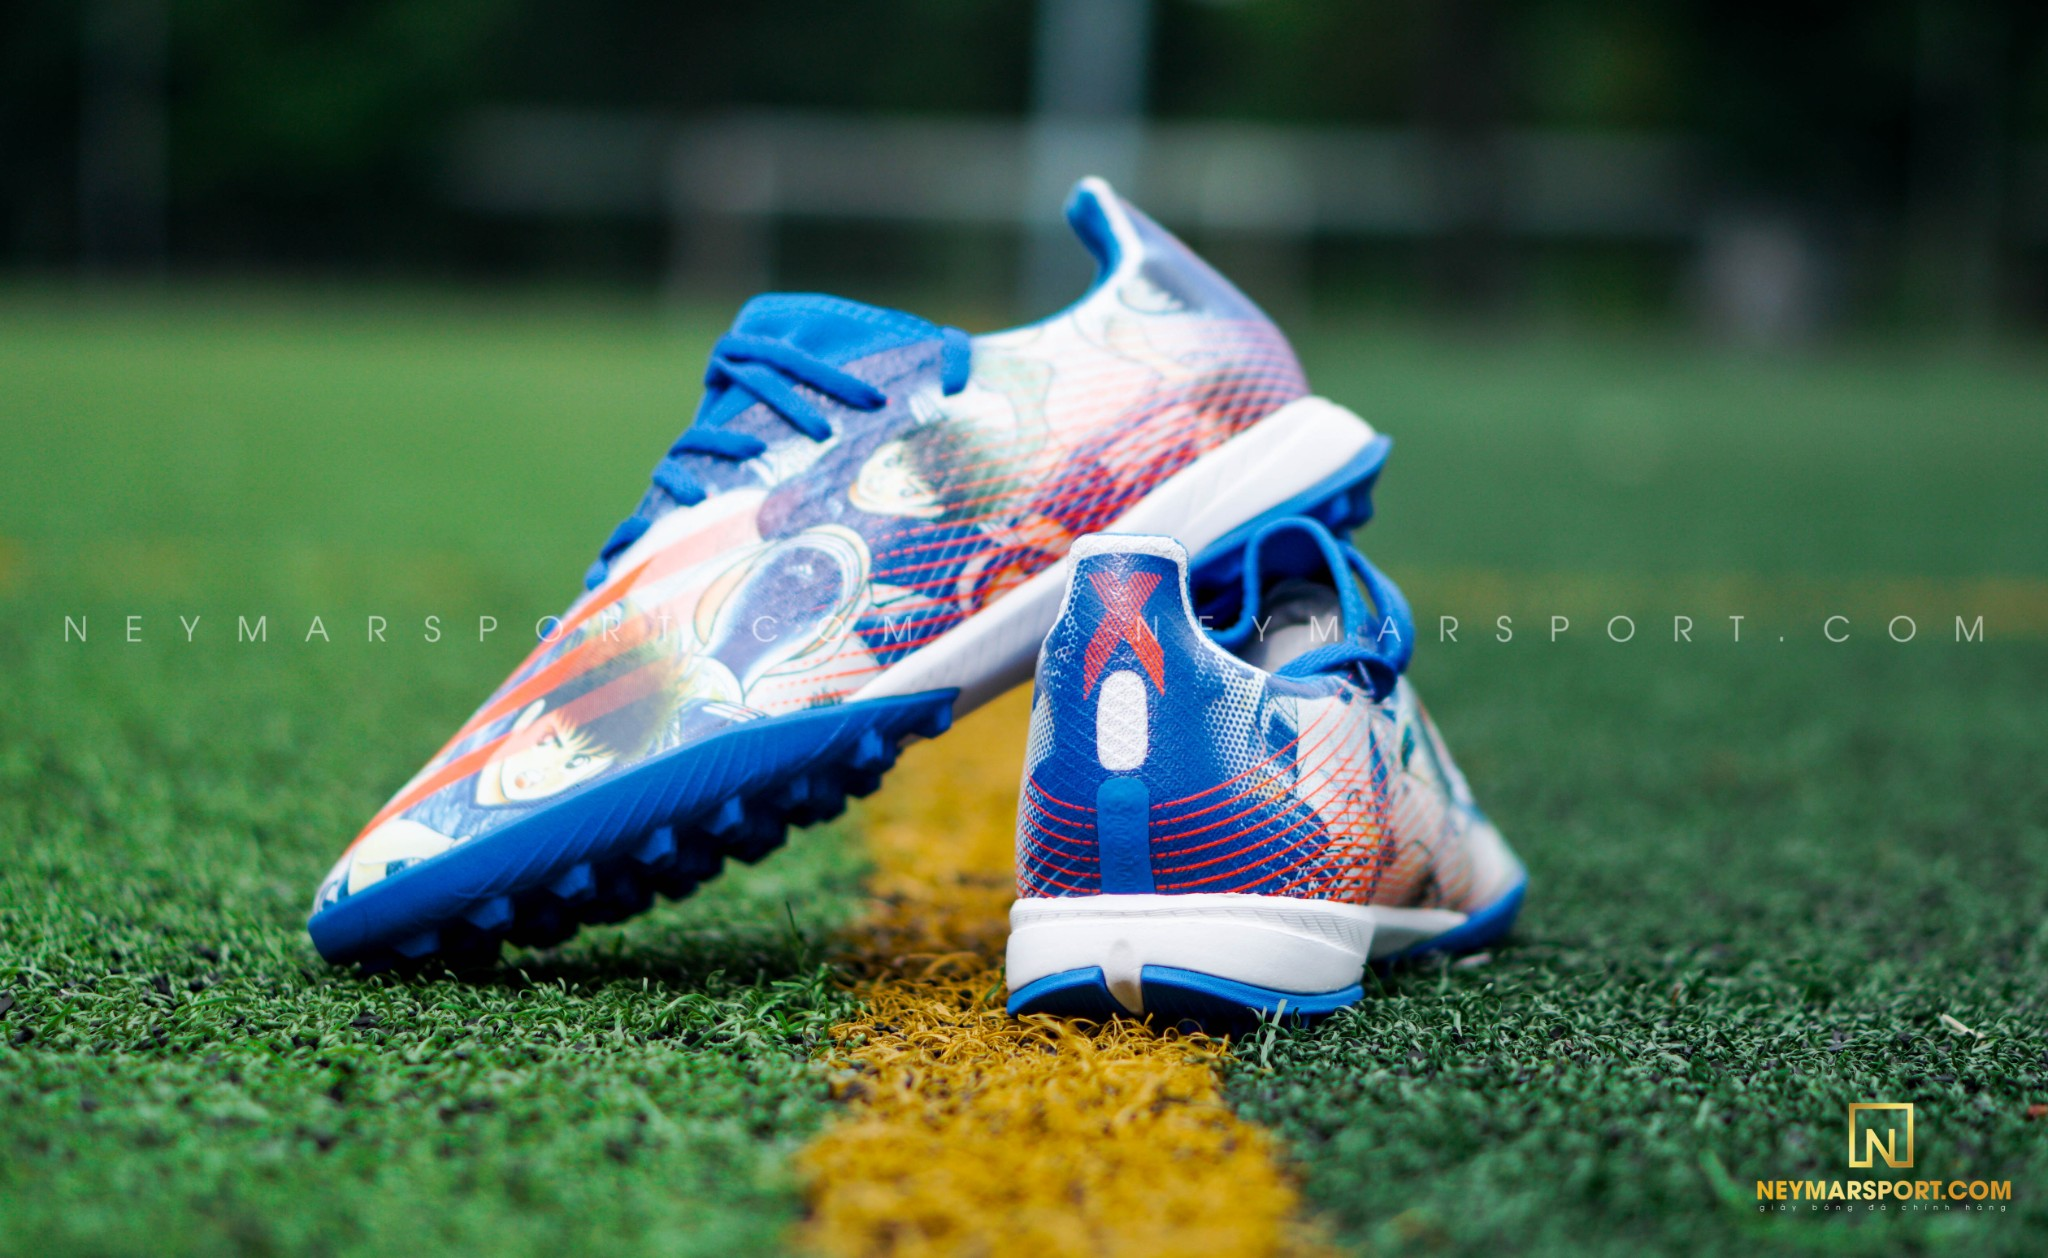 Tổng hợp những mẫu giày cỏ nhân tạo Adidas cho trẻ em mới cập bến tại Neymarsport